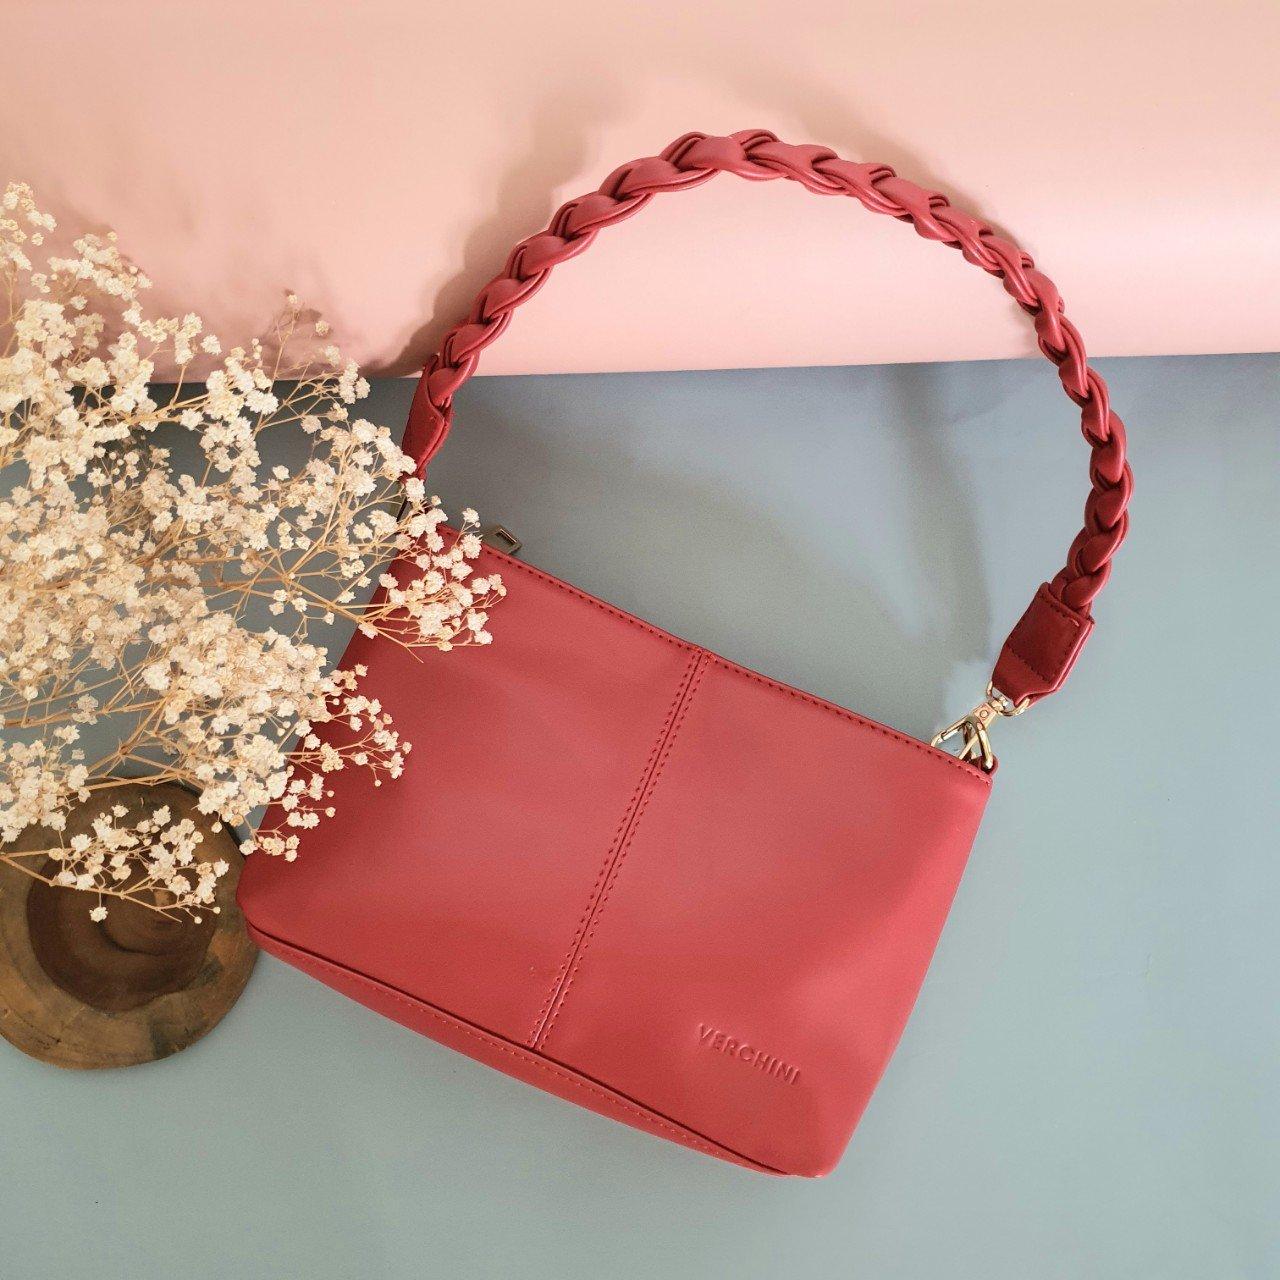 Túi xách thời trang Verchini đường chỉ phối quai bính